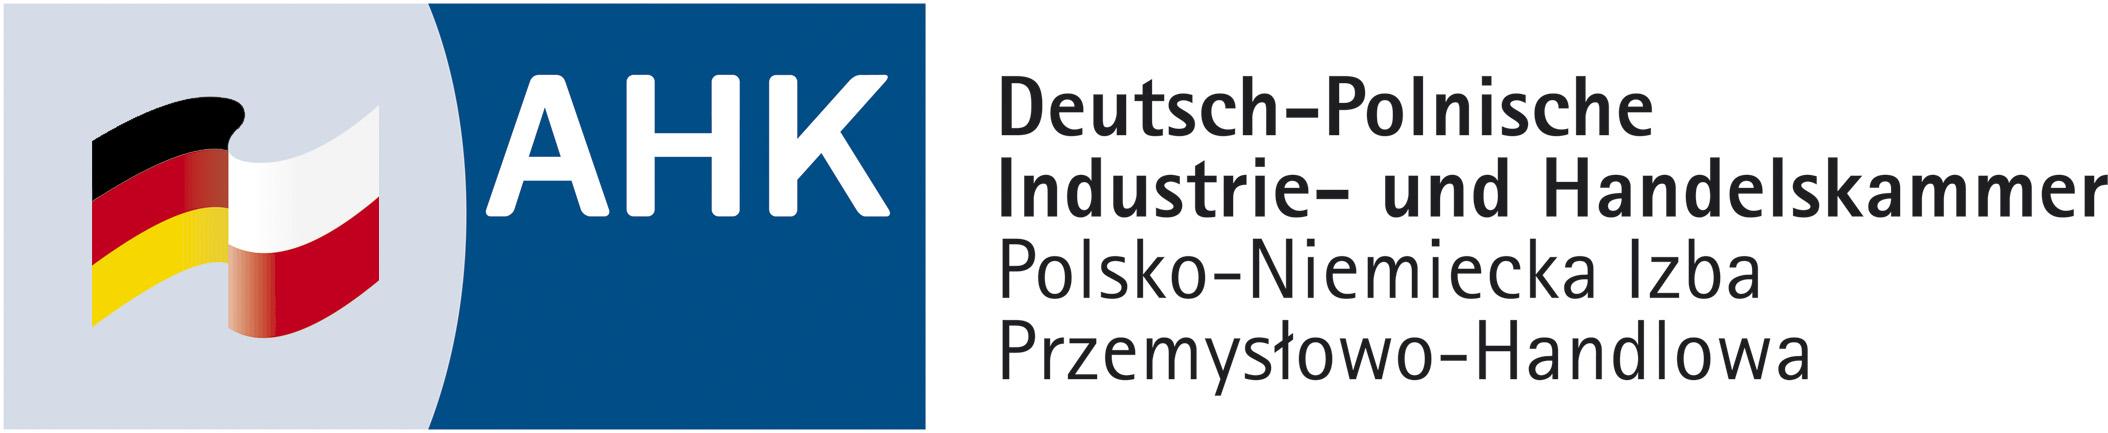 AHK-Polen-rgb